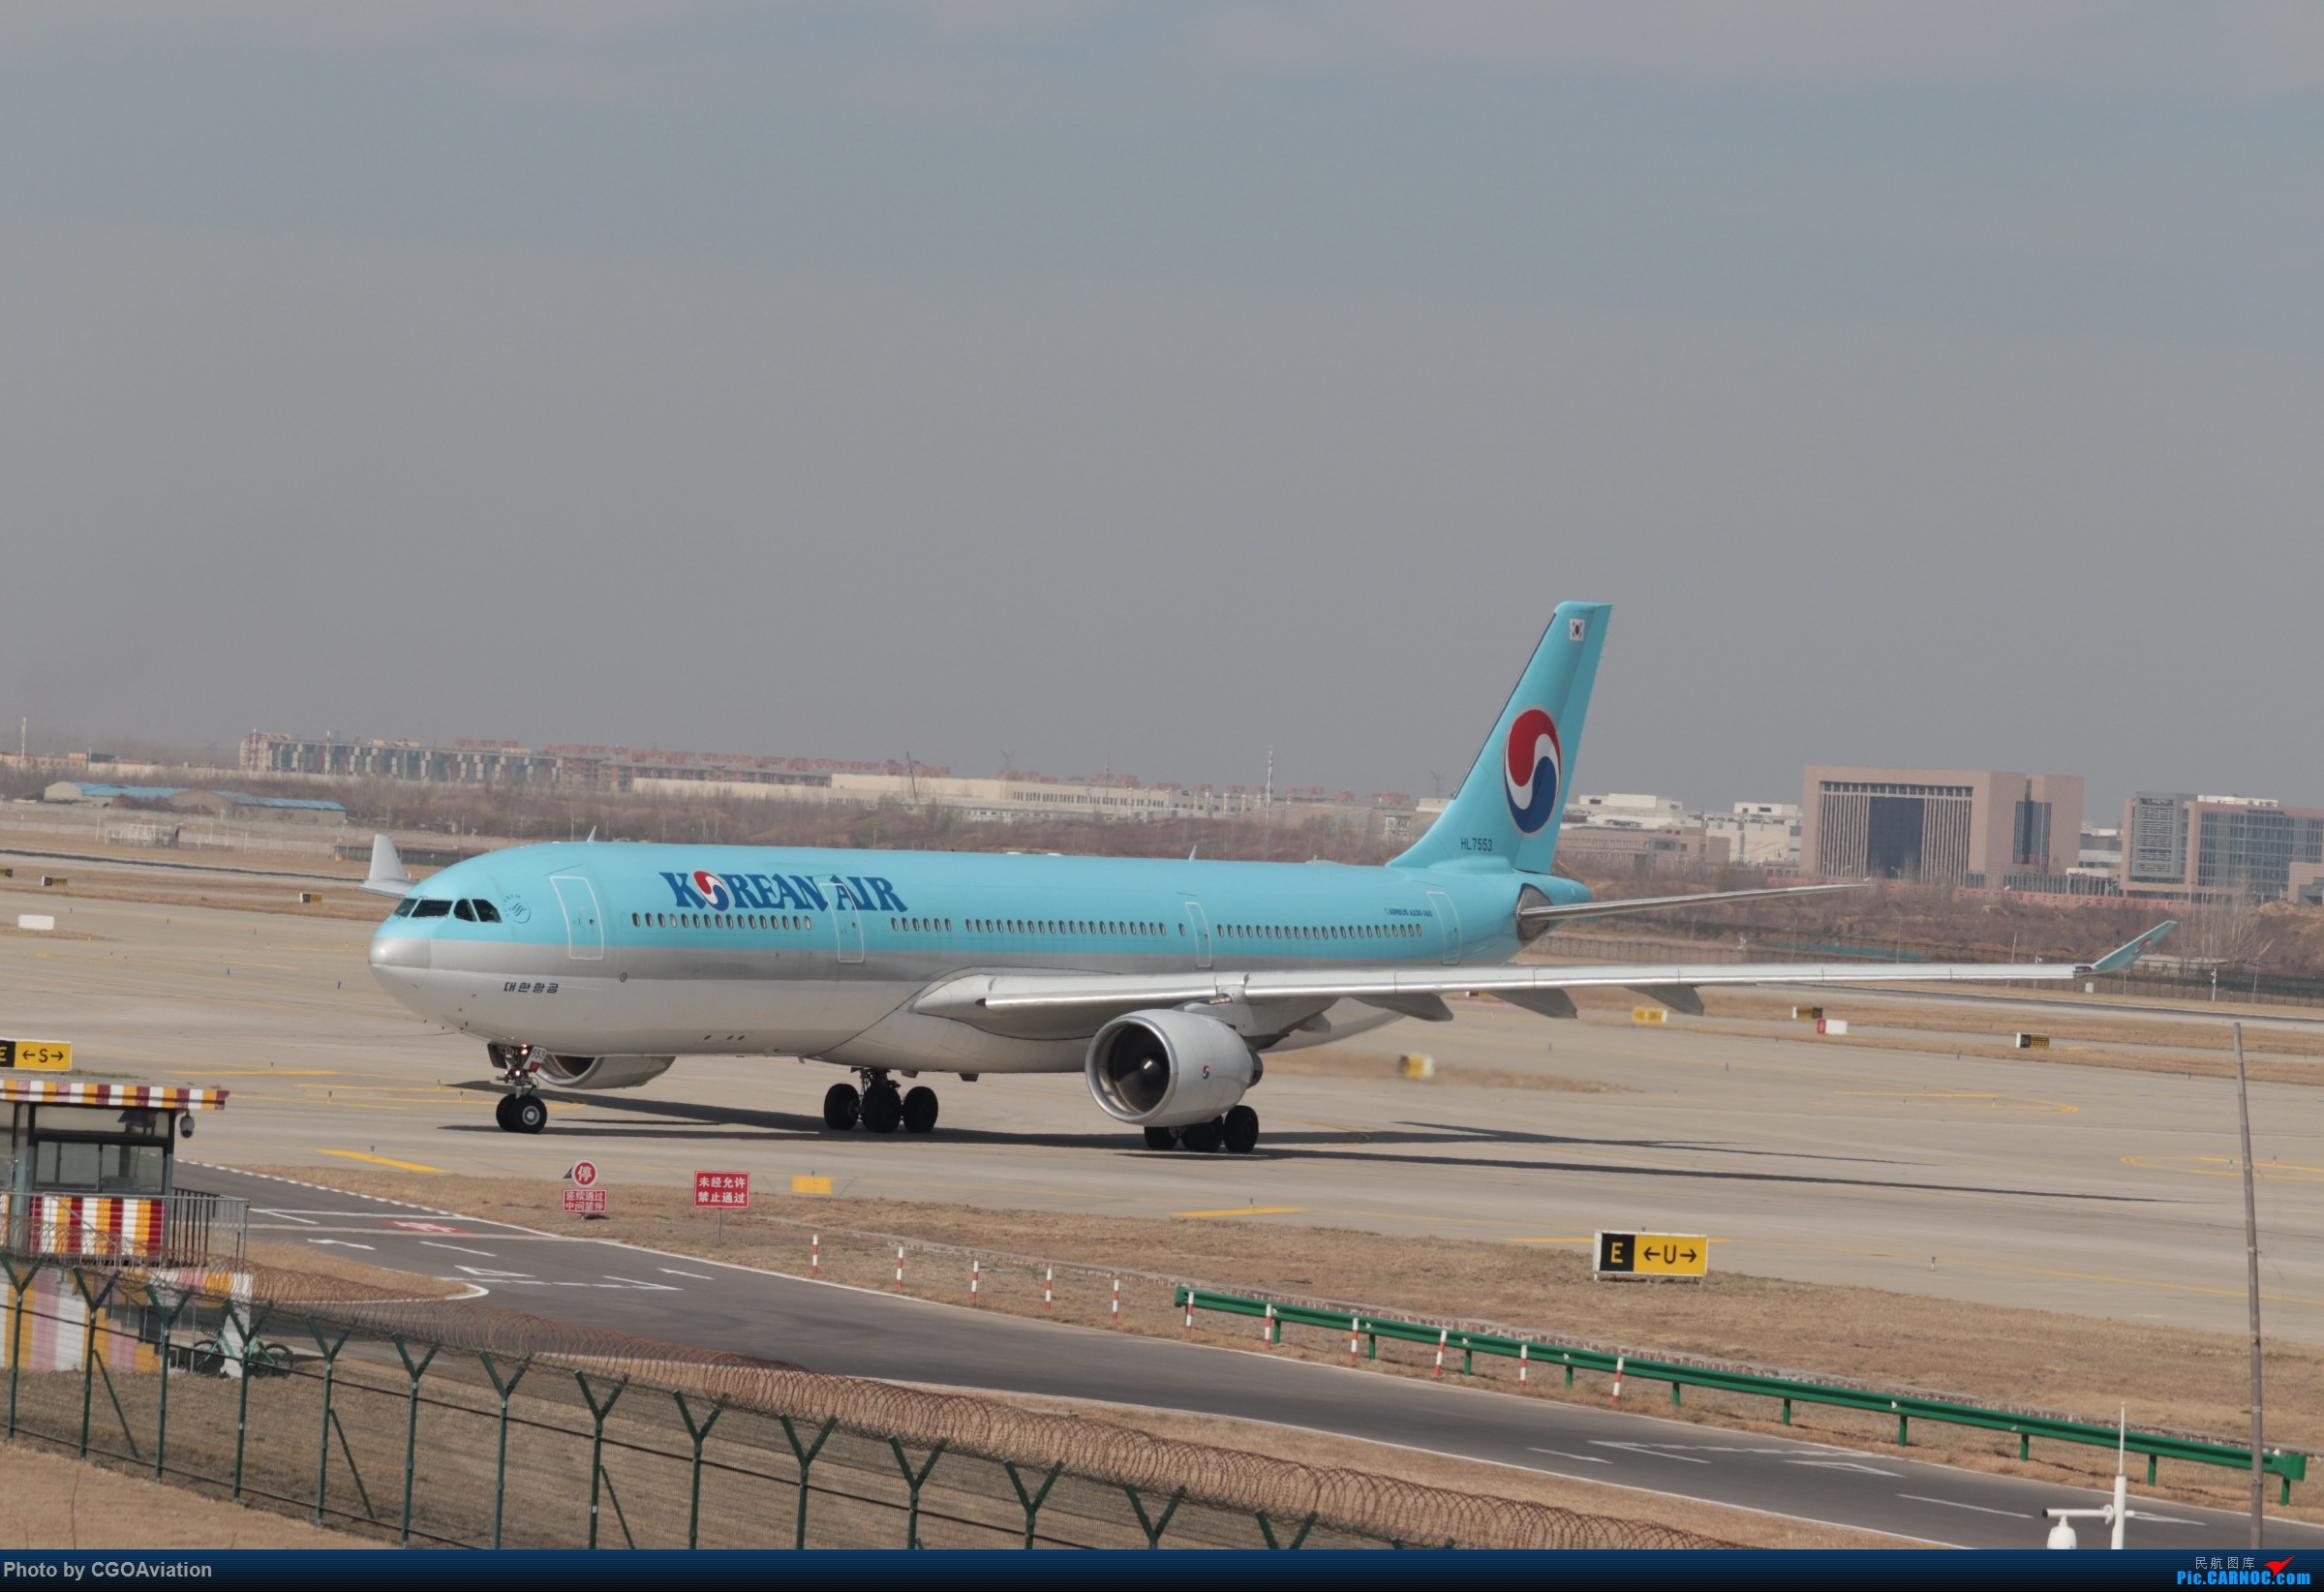 [原创]大韩航空333 AIRBUS A330-300 HL-7553 中国郑州新郑国际机场